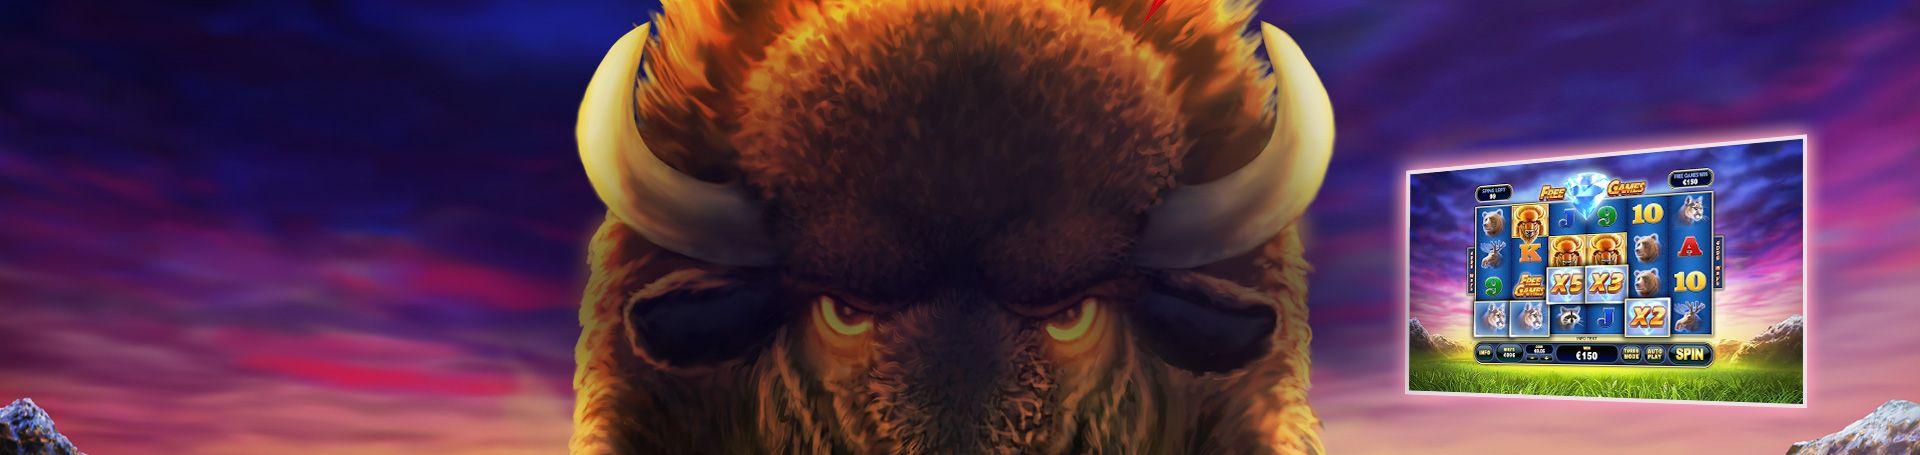 Buffalo blitz 2 rtp memoria